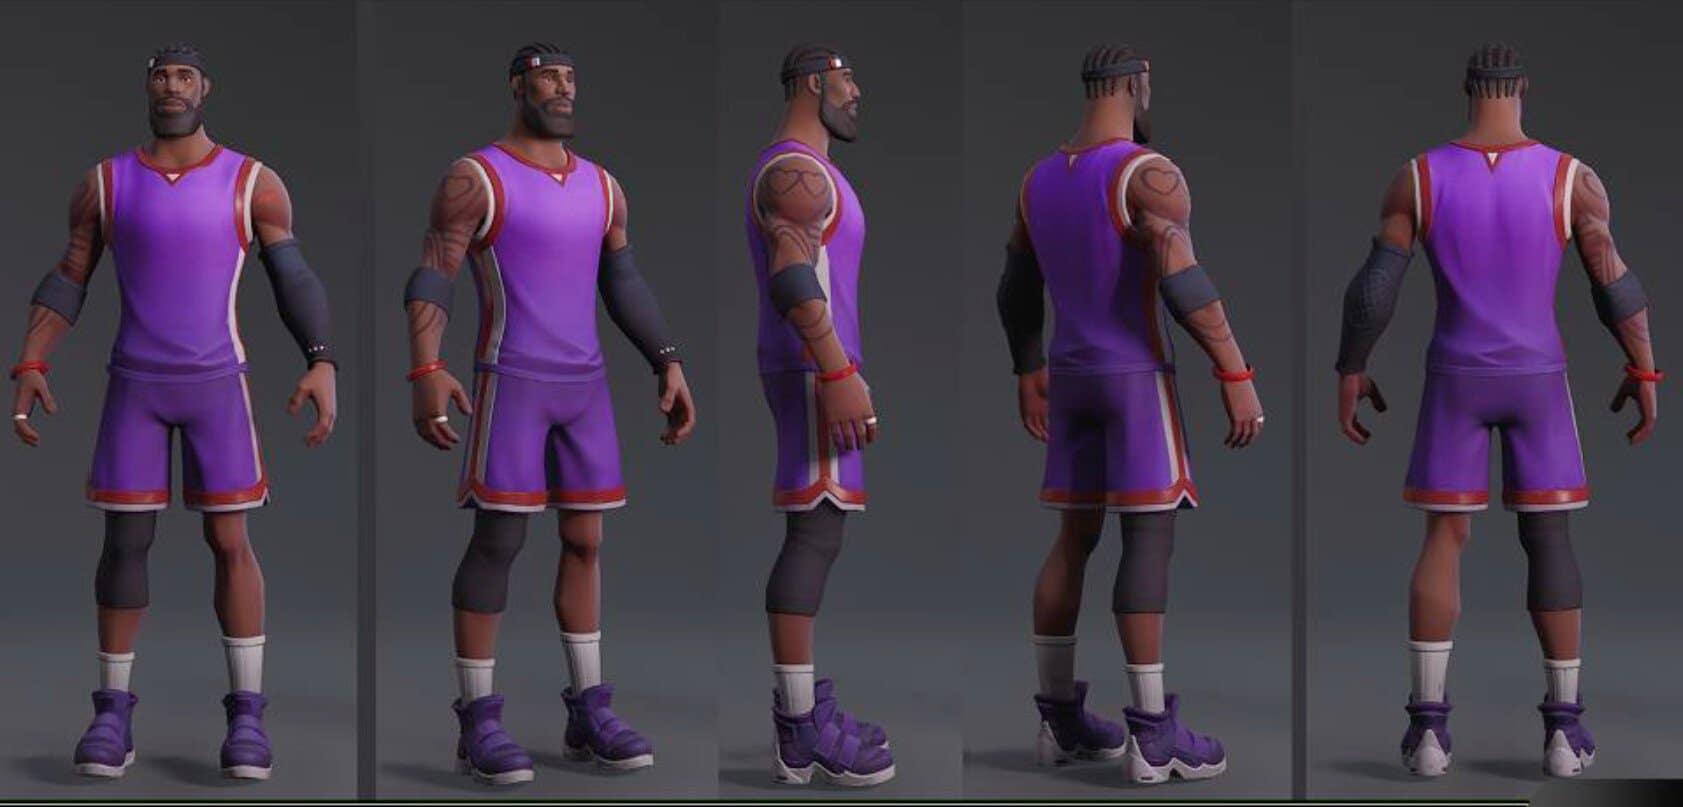 Леброна джеймса в фортнайт - Баскетбольный ивент NBA в фортнайт: испытания на В-баксы и скин Леброна